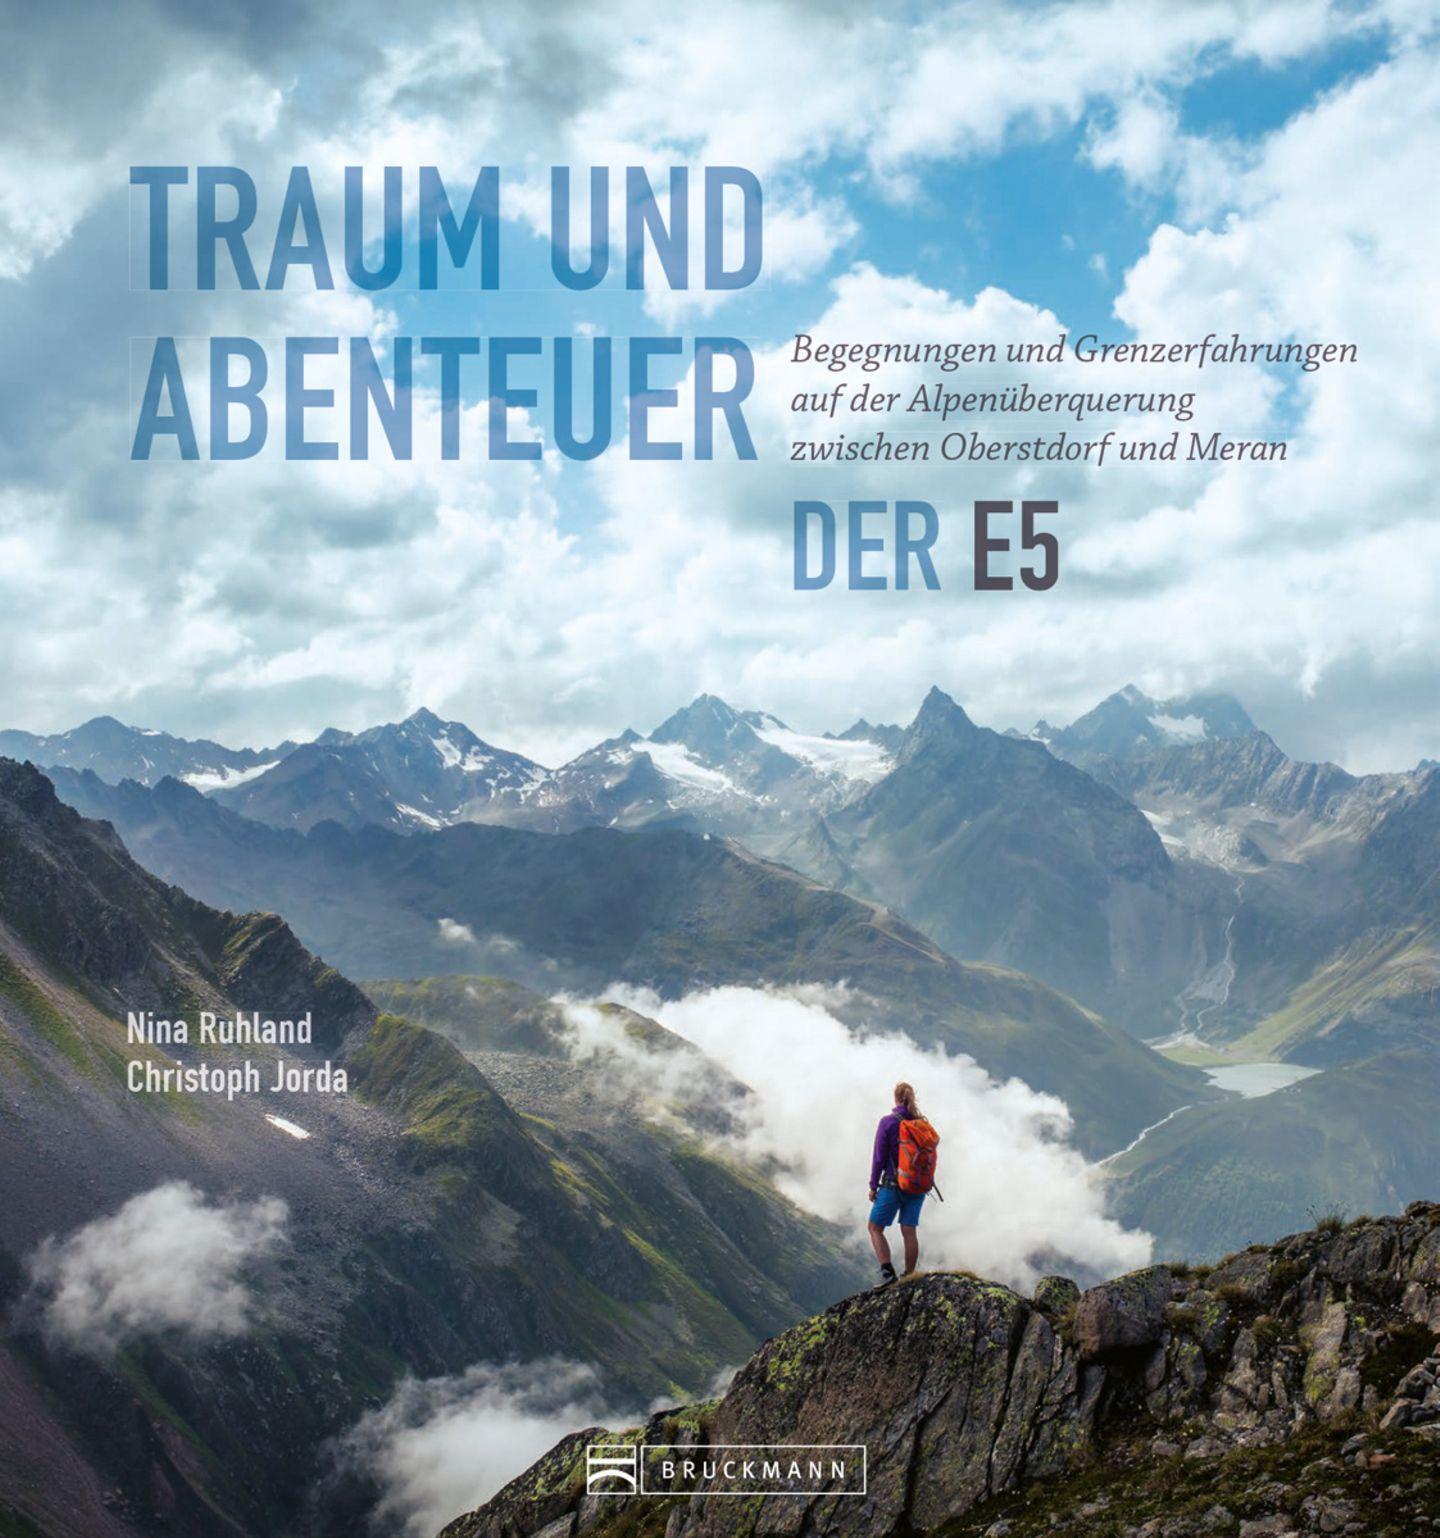 Traum und Abenteuer - Der E5